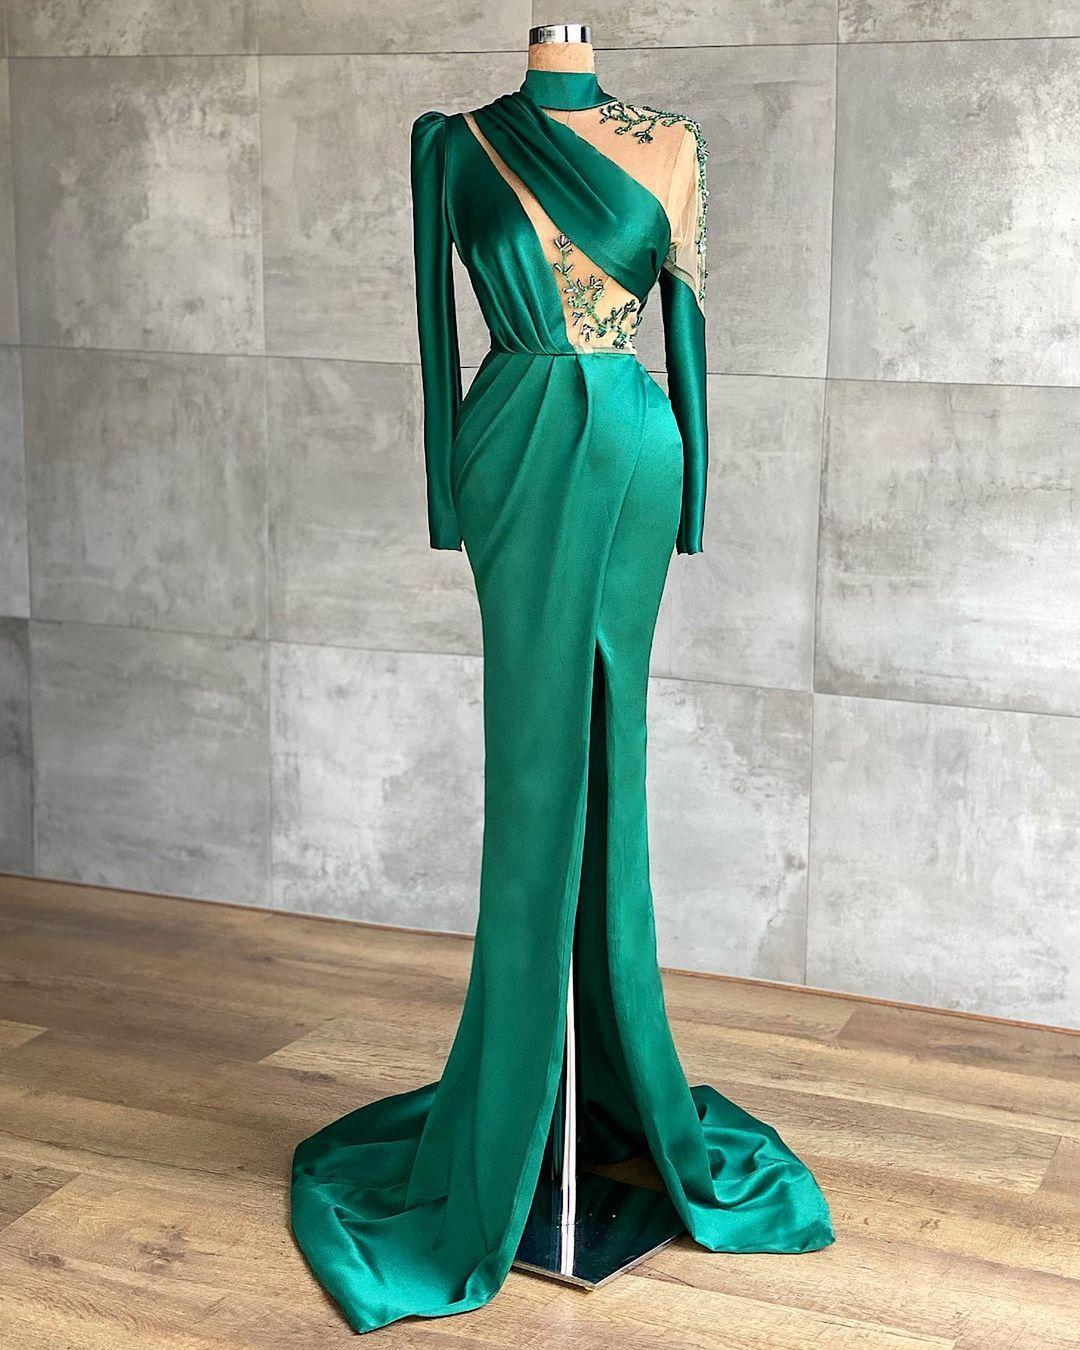 2021 Sexy Árabe Dubai Vestidos de noche verde con cuentas de alta división Satén Vestidos de fiesta de satén Satin Formal Party Illsuion Bathway